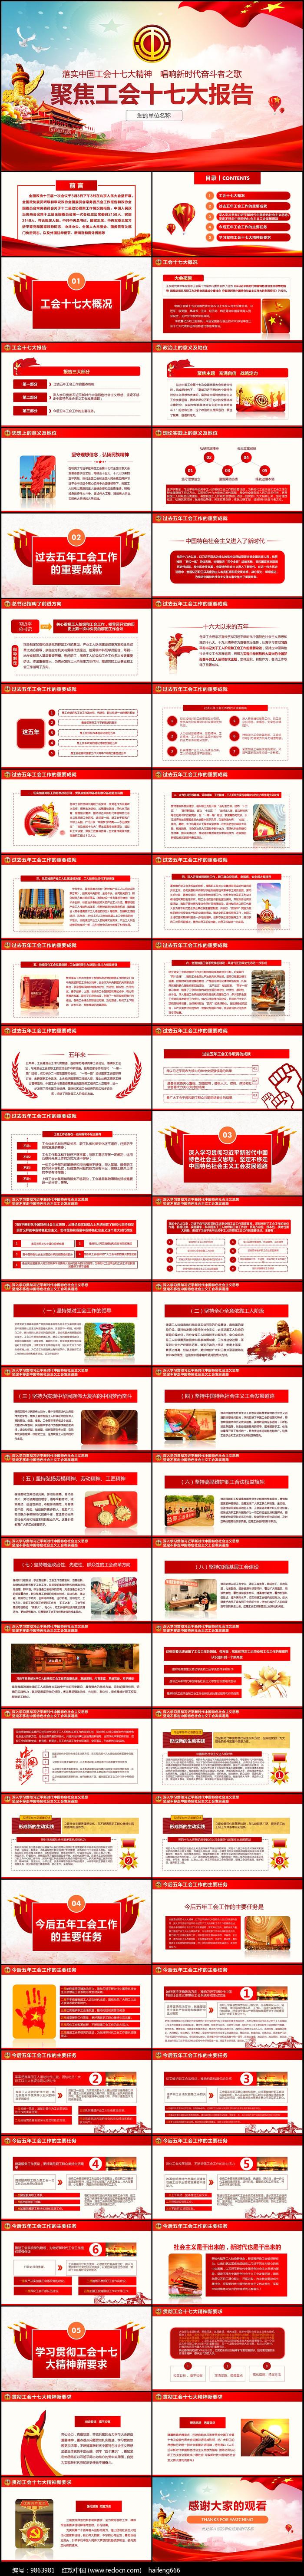 工会十七大精神会议报告学习PPT图片